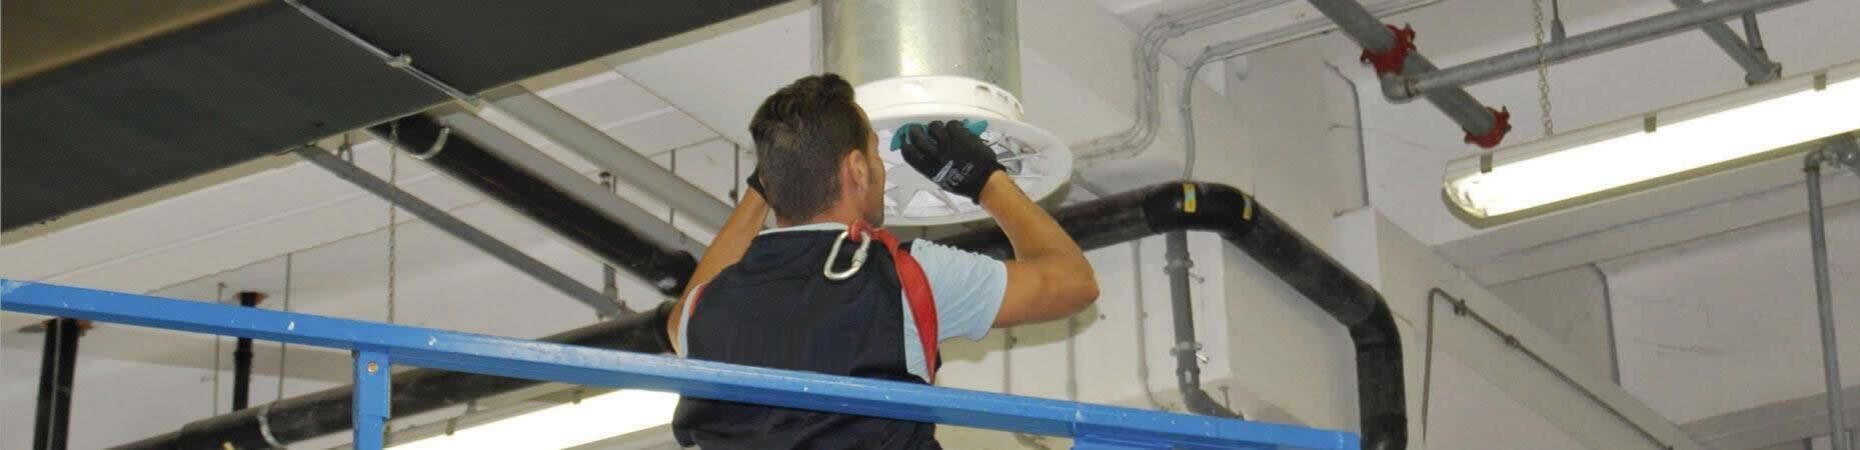 cicognaservizi it pulizia-e-sanificazione-condotti-aria-bologna 004